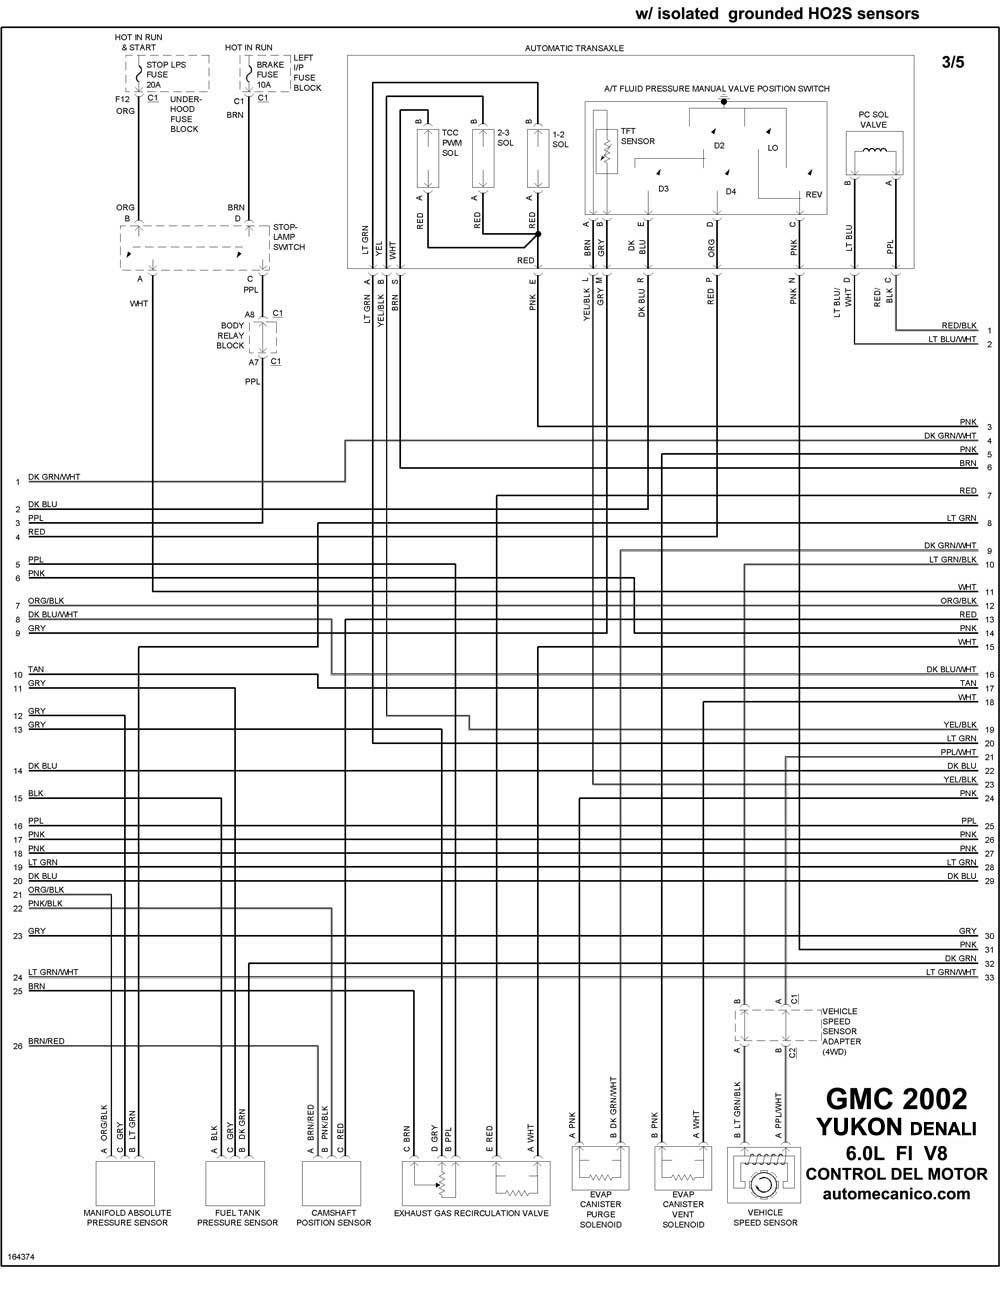 gmc - diagramas control del motor 2002